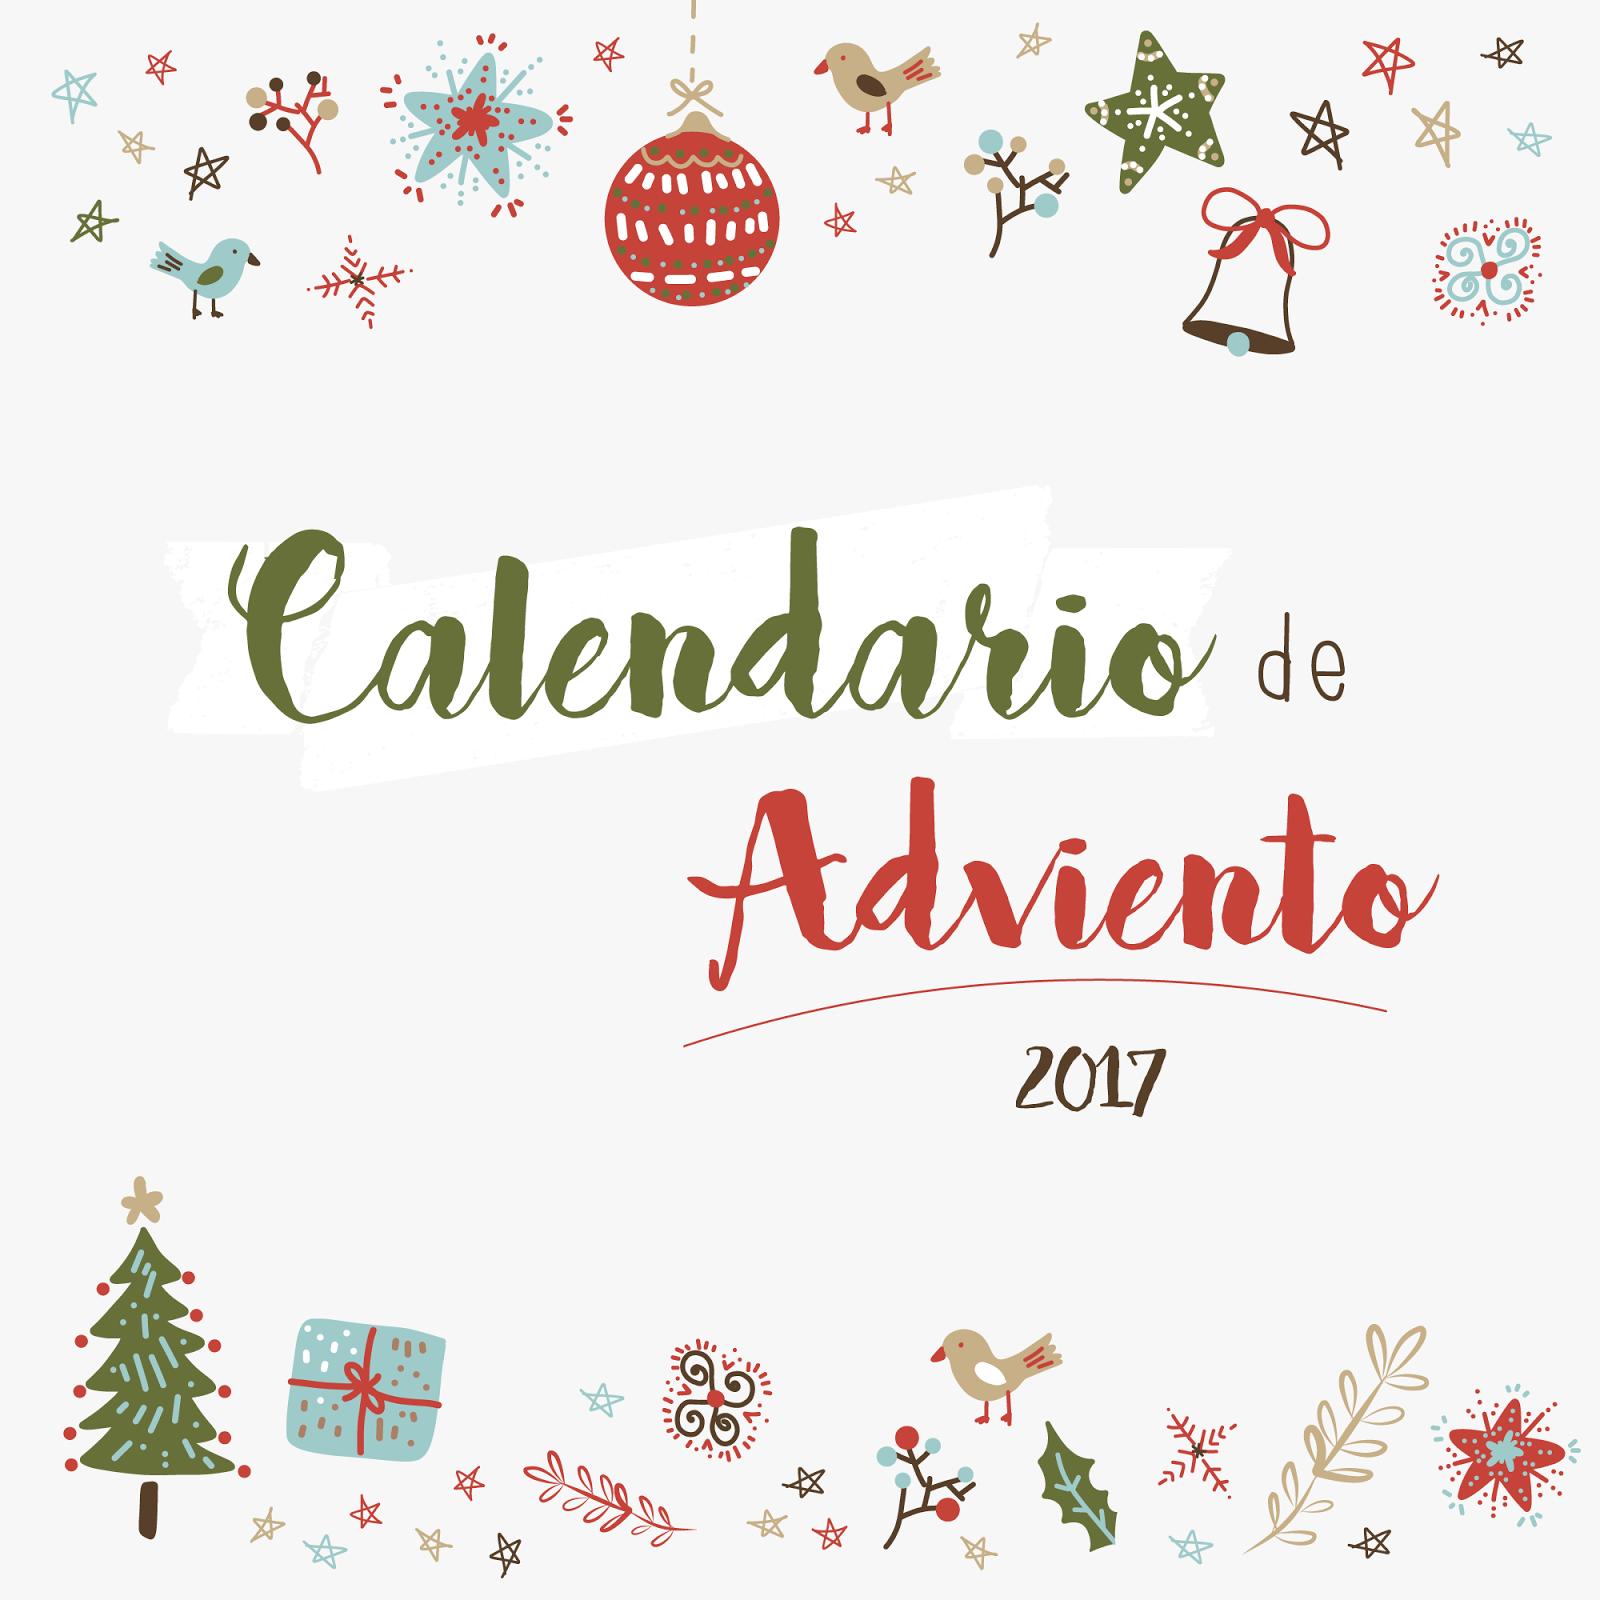 Actitud y alegr a for Calendario adviento 2017